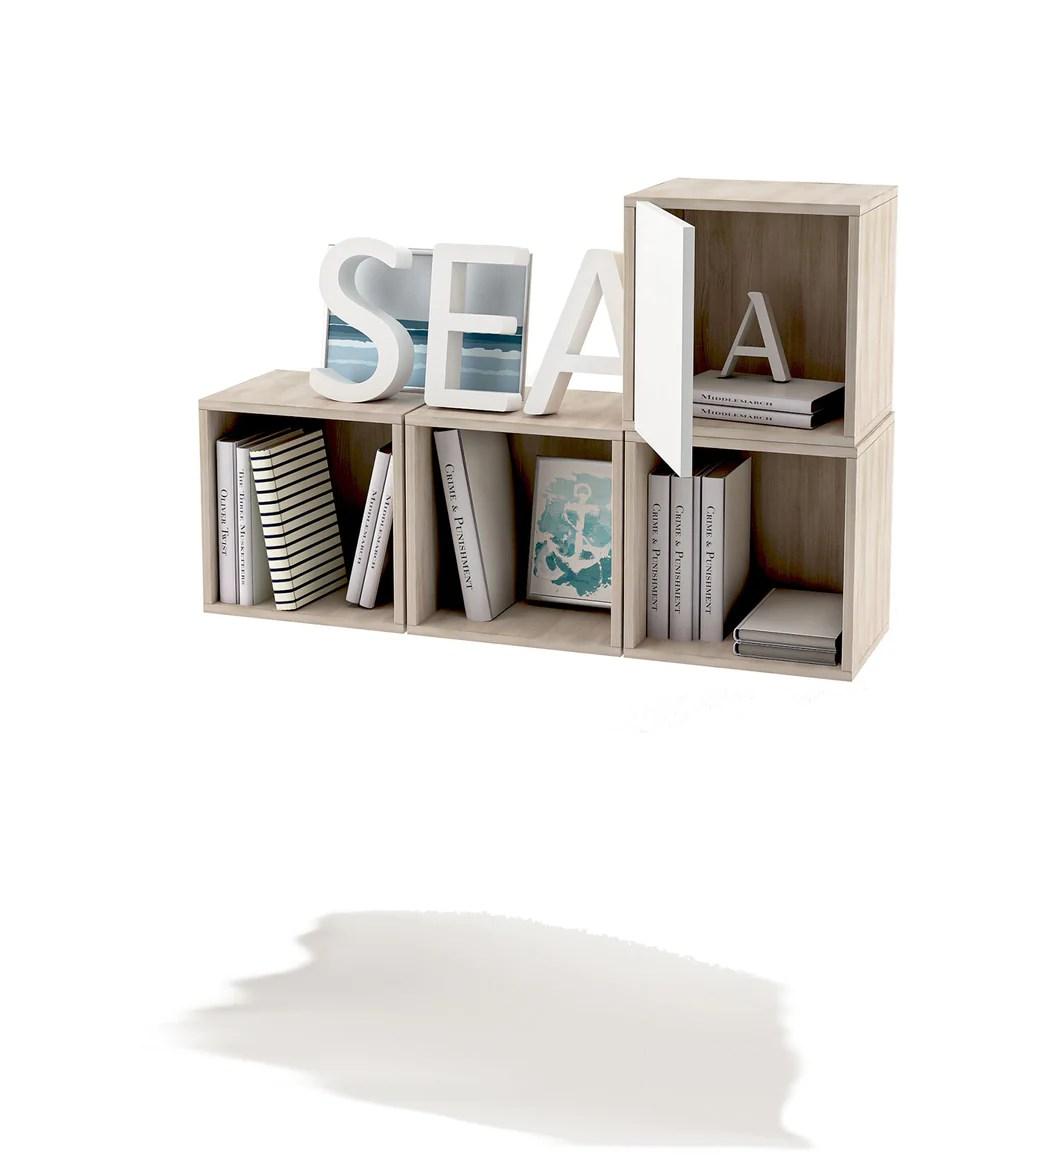 (articolo tratto da eltern.de) in più: Cubi Composizione Librerie A Muro Mensola Cubo Con Anta Cameretta Camera Ufficio Lavanderia Doomostore